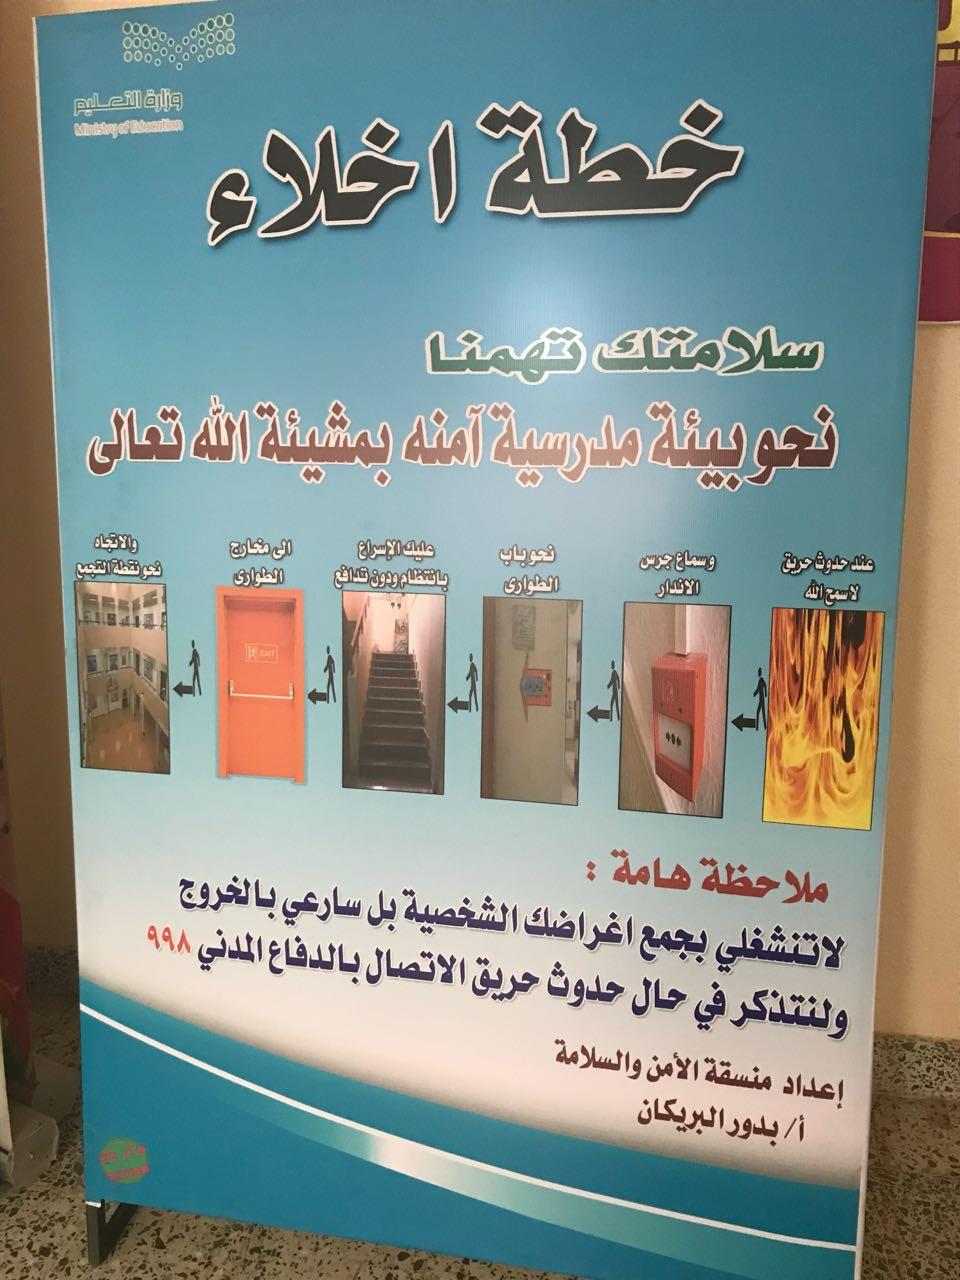 رداء روب الحد خريطة لوحات ارشادية للامن والسلامة داخل المدرسة Comertinsaat Com